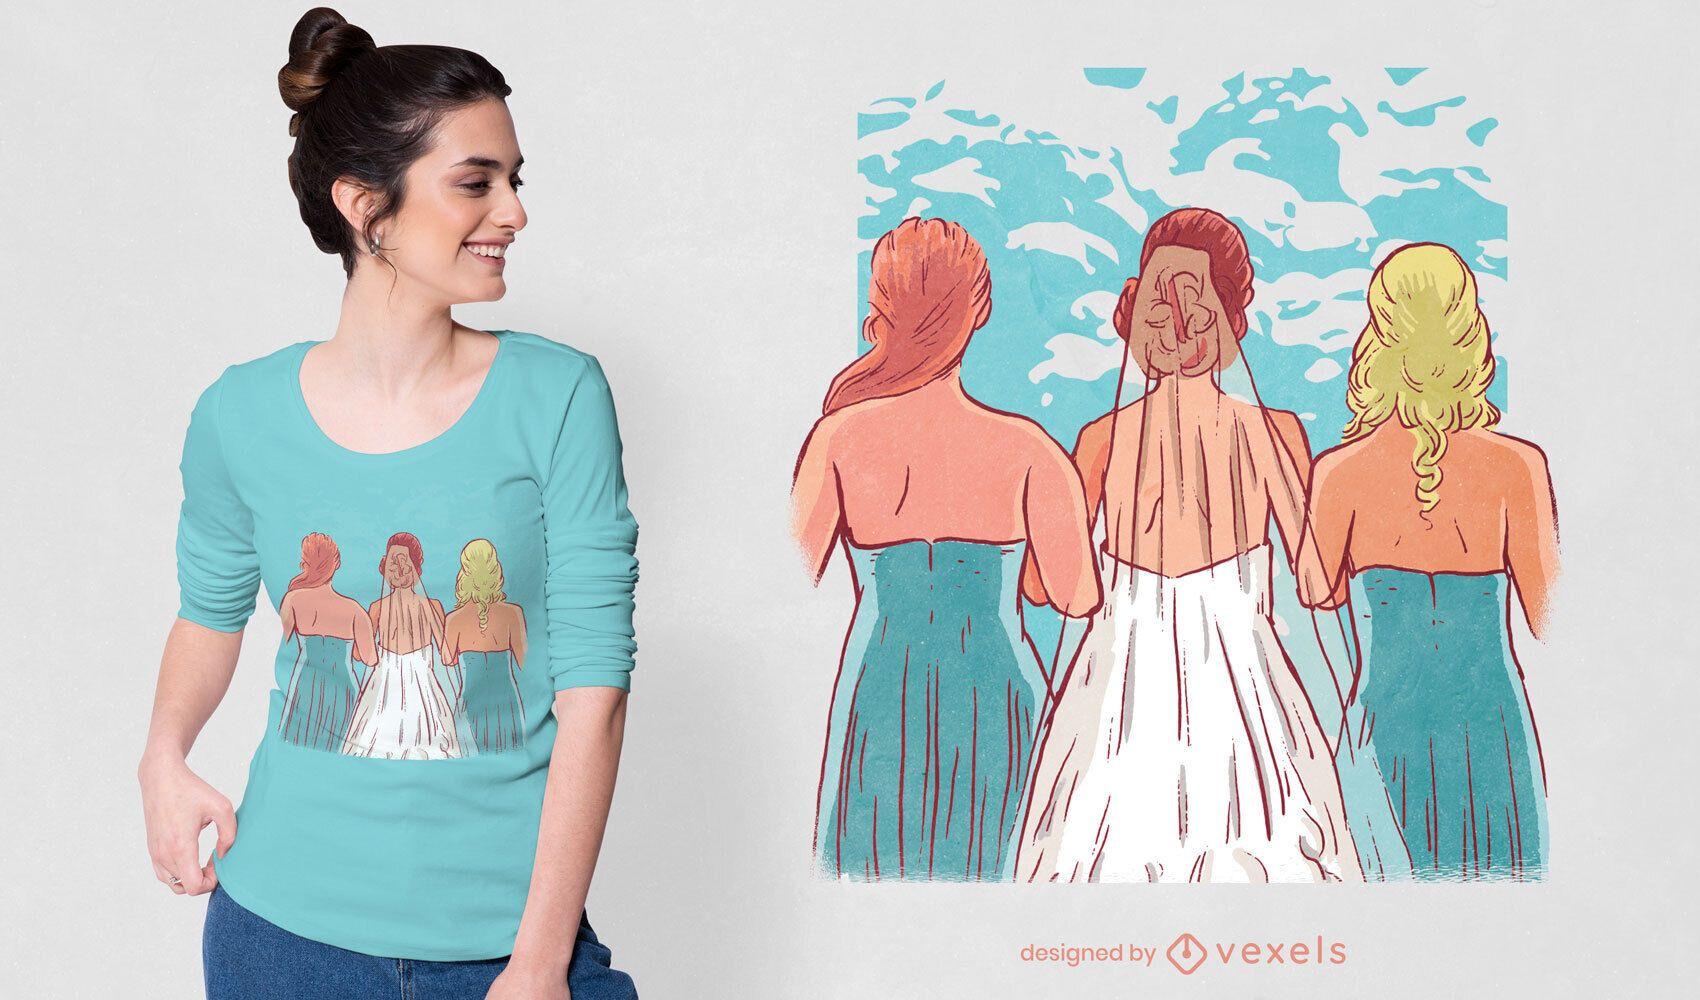 Dise?o de camiseta de novias y damas de honor.